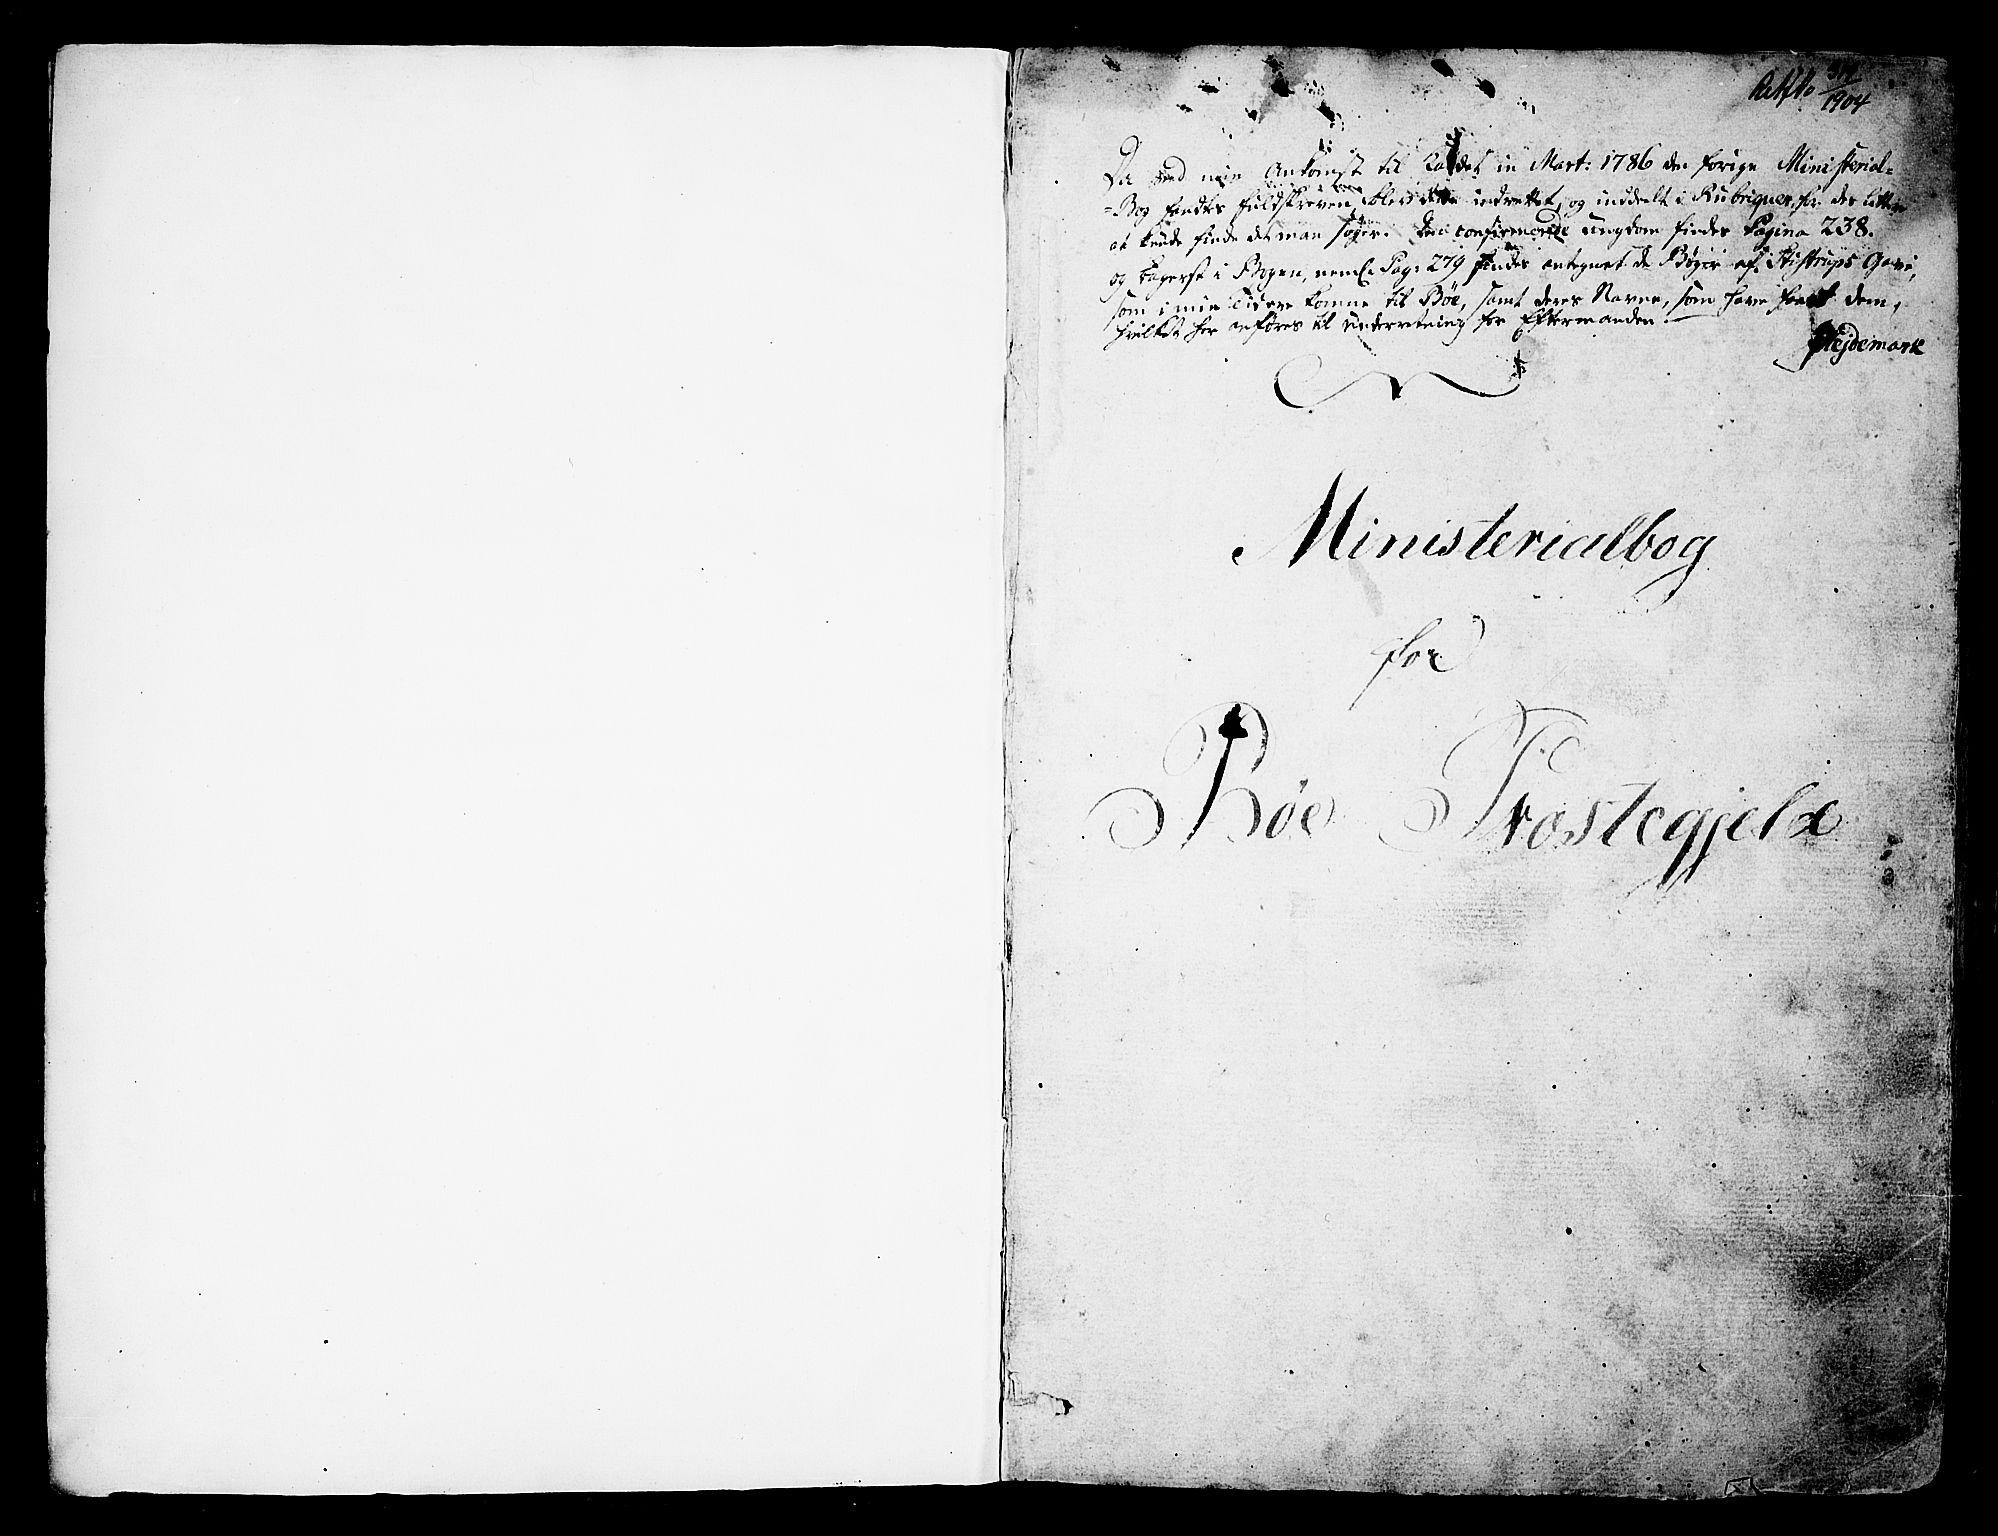 SAKO, Bø kirkebøker, F/Fa/L0005: Ministerialbok nr. 5, 1785-1815